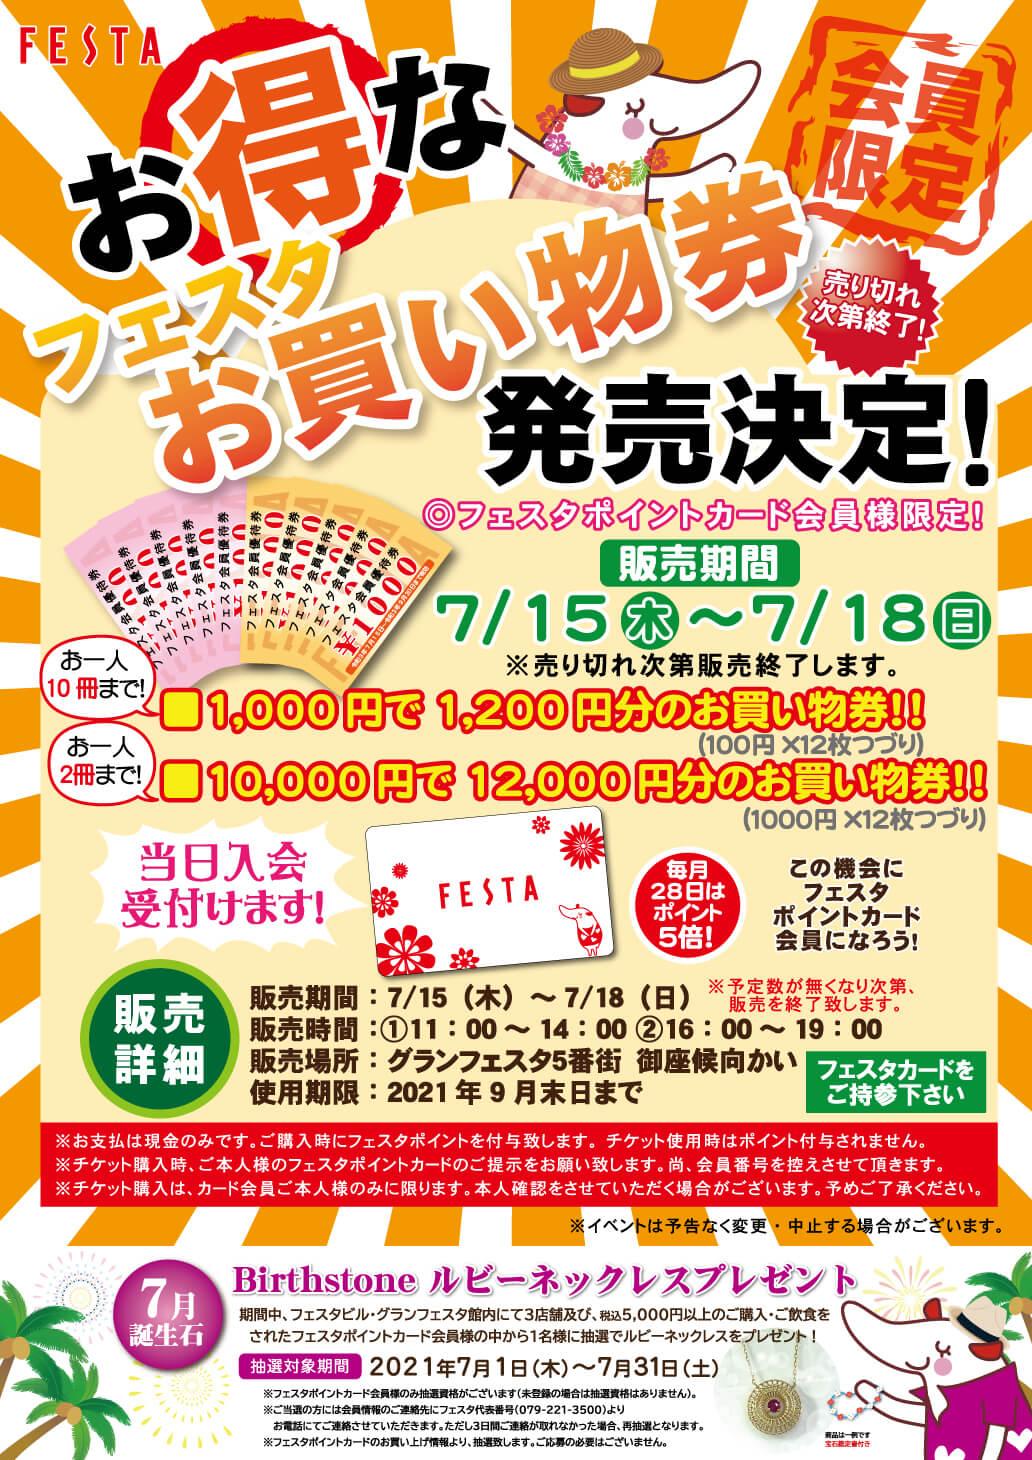 フェスタポイントカード会員様限定 お得なフェスタお買い物券 発売!!の詳細